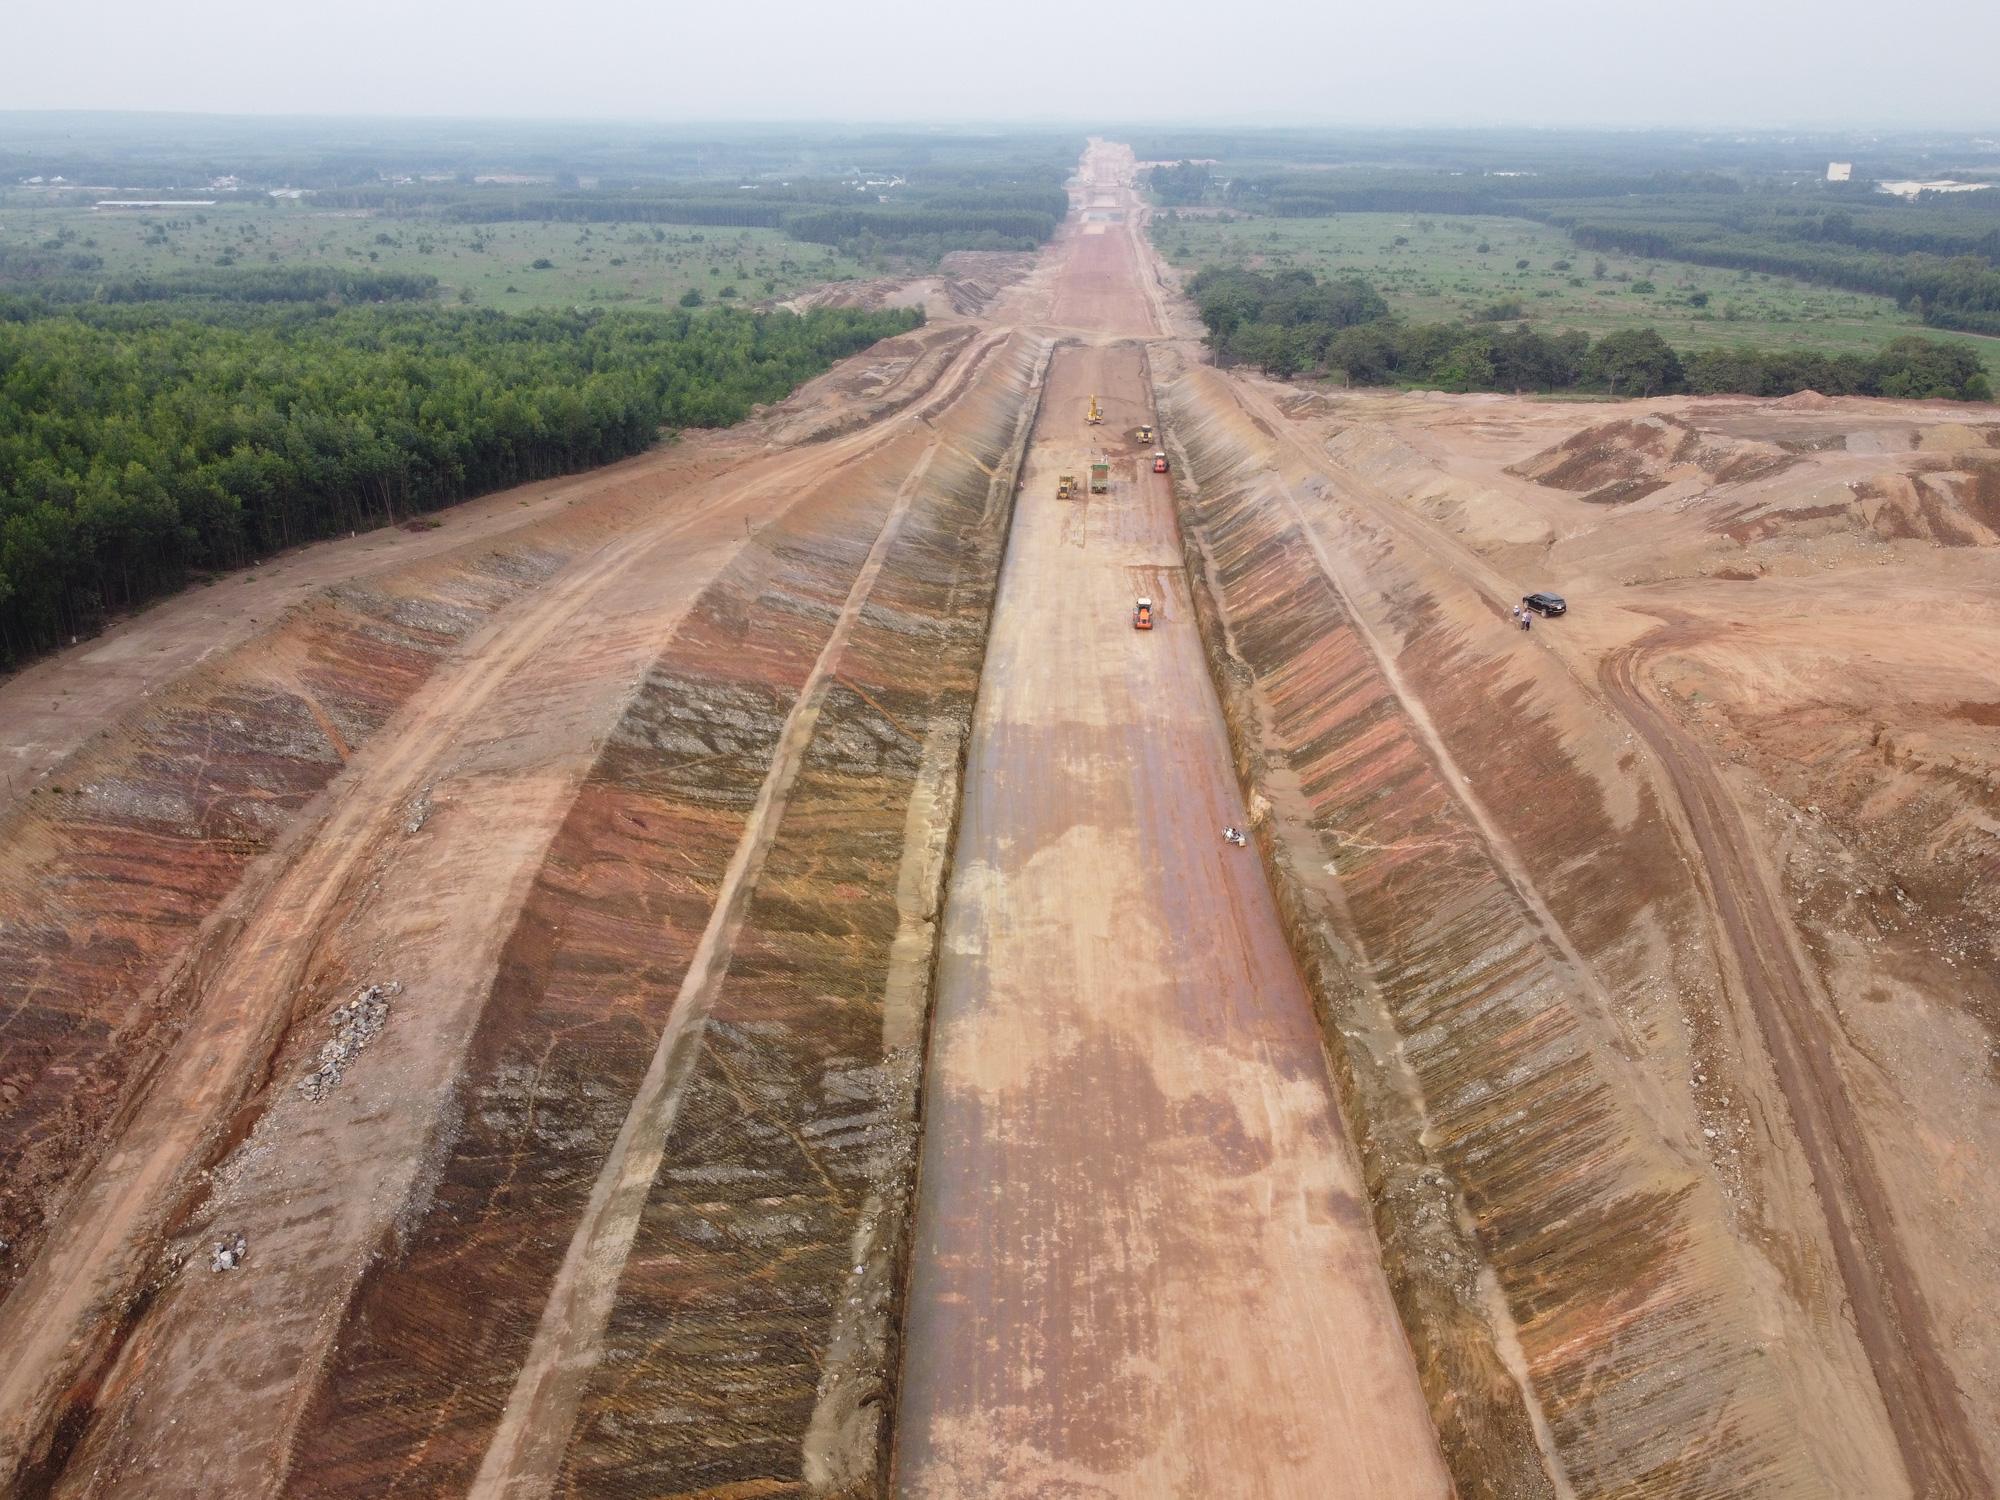 Cao tốc Phan Thiết - Dầu Giây dần lộ diện sau hơn 8 tháng thi công - Ảnh 1.